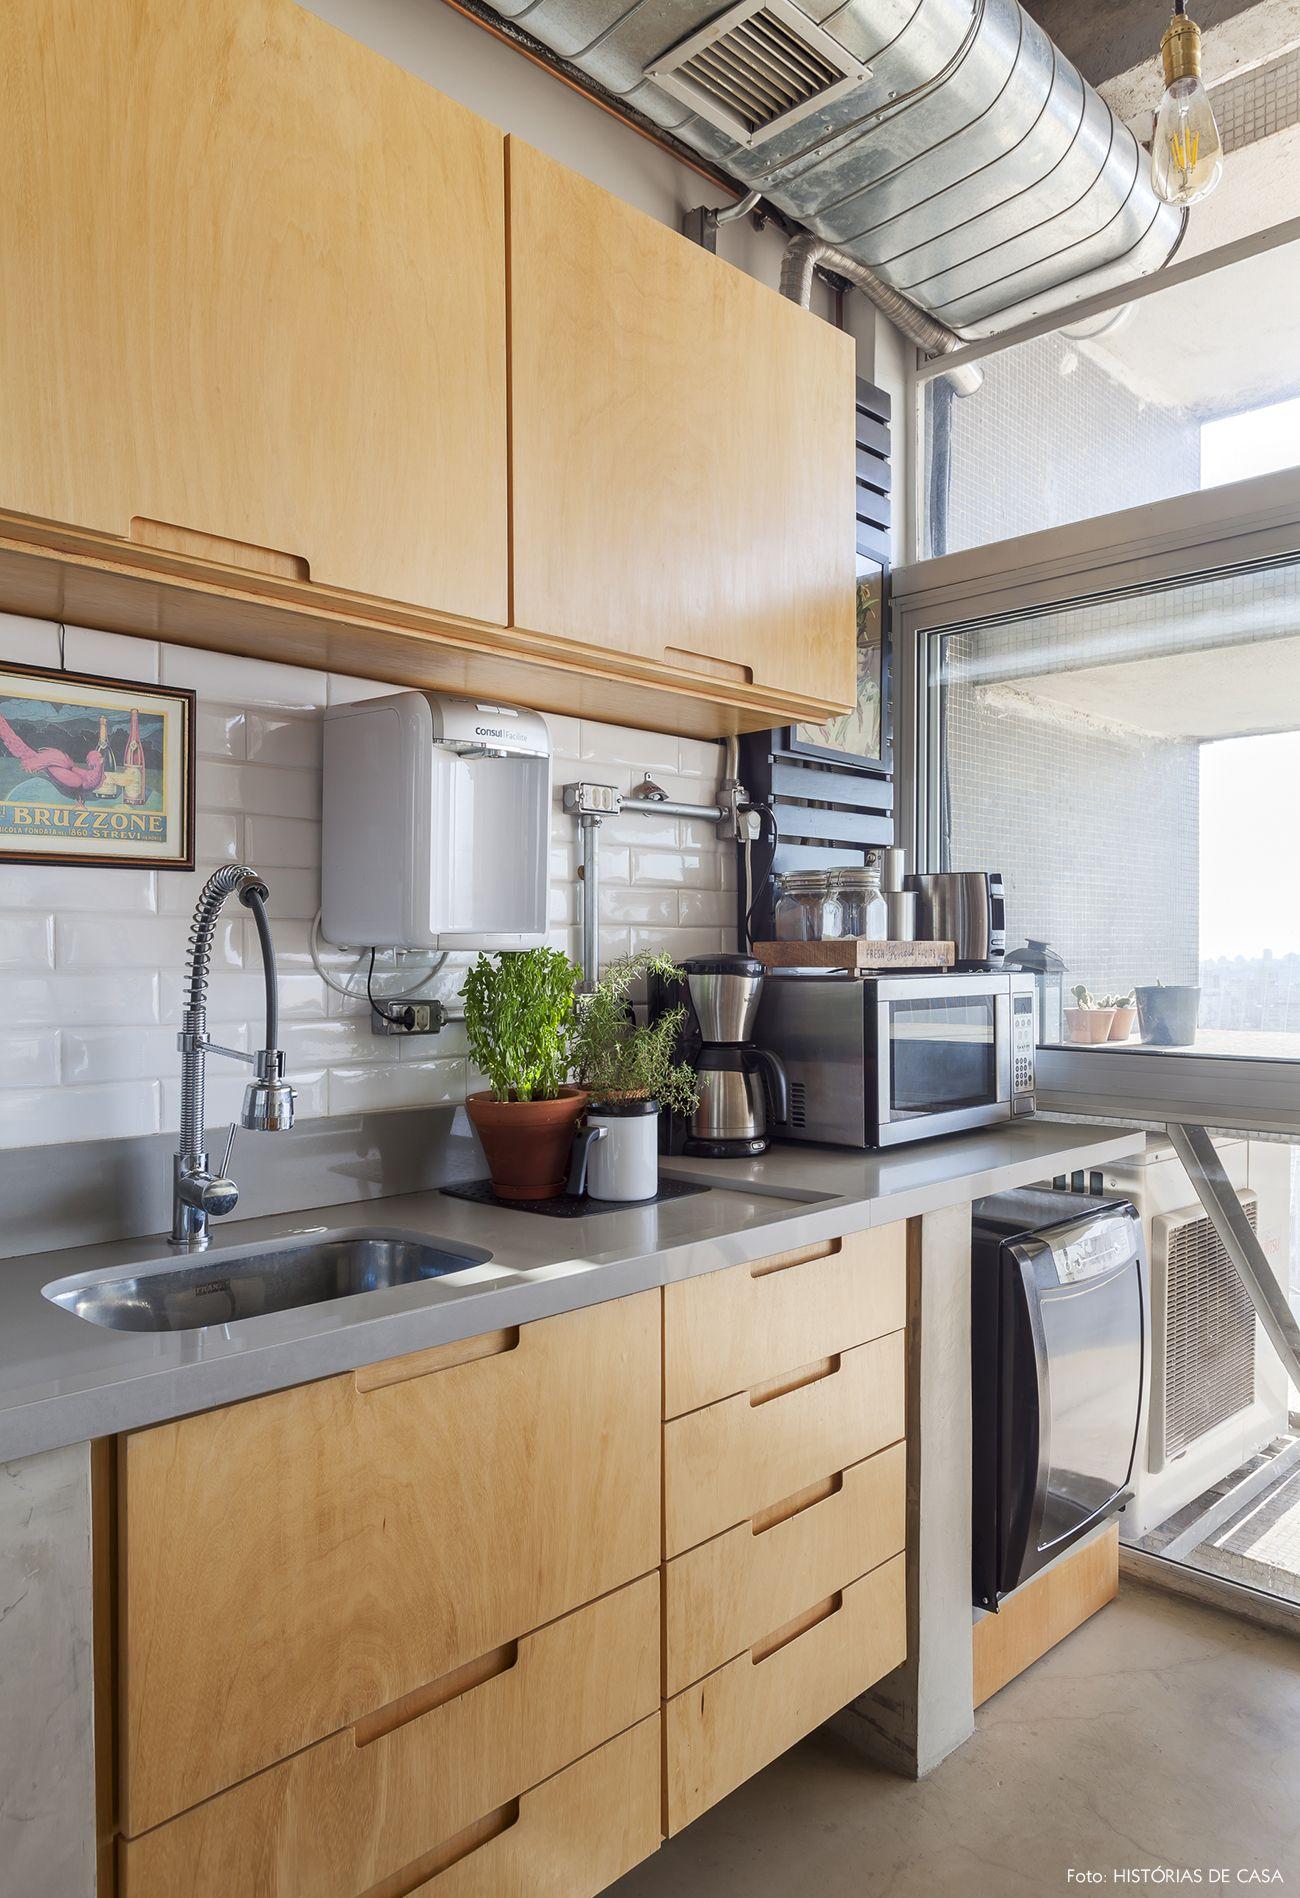 No Alto Do Copan Cozinhas Modernas Armario Cozinha Decoracao